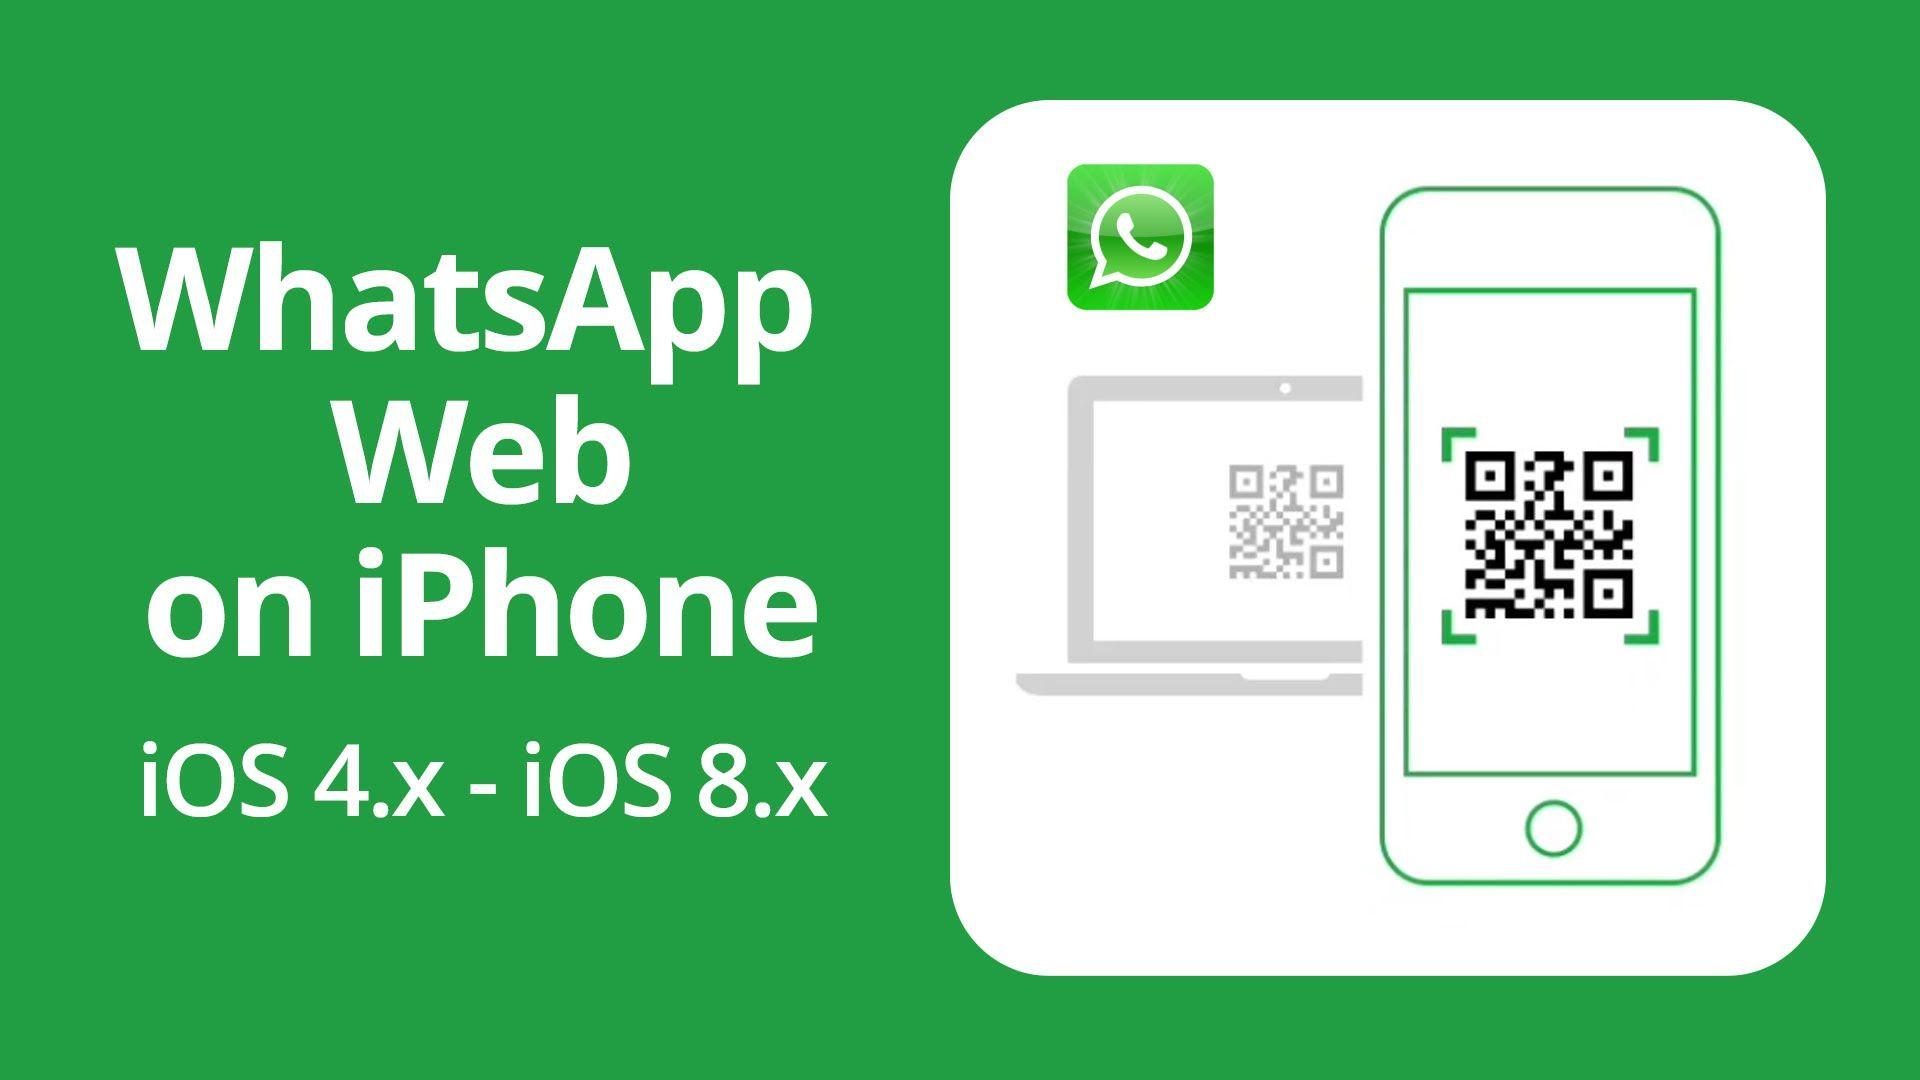 WhatsApp Web For iPhone (iOS 4.x to iOS 8.x) Iphone, Ios